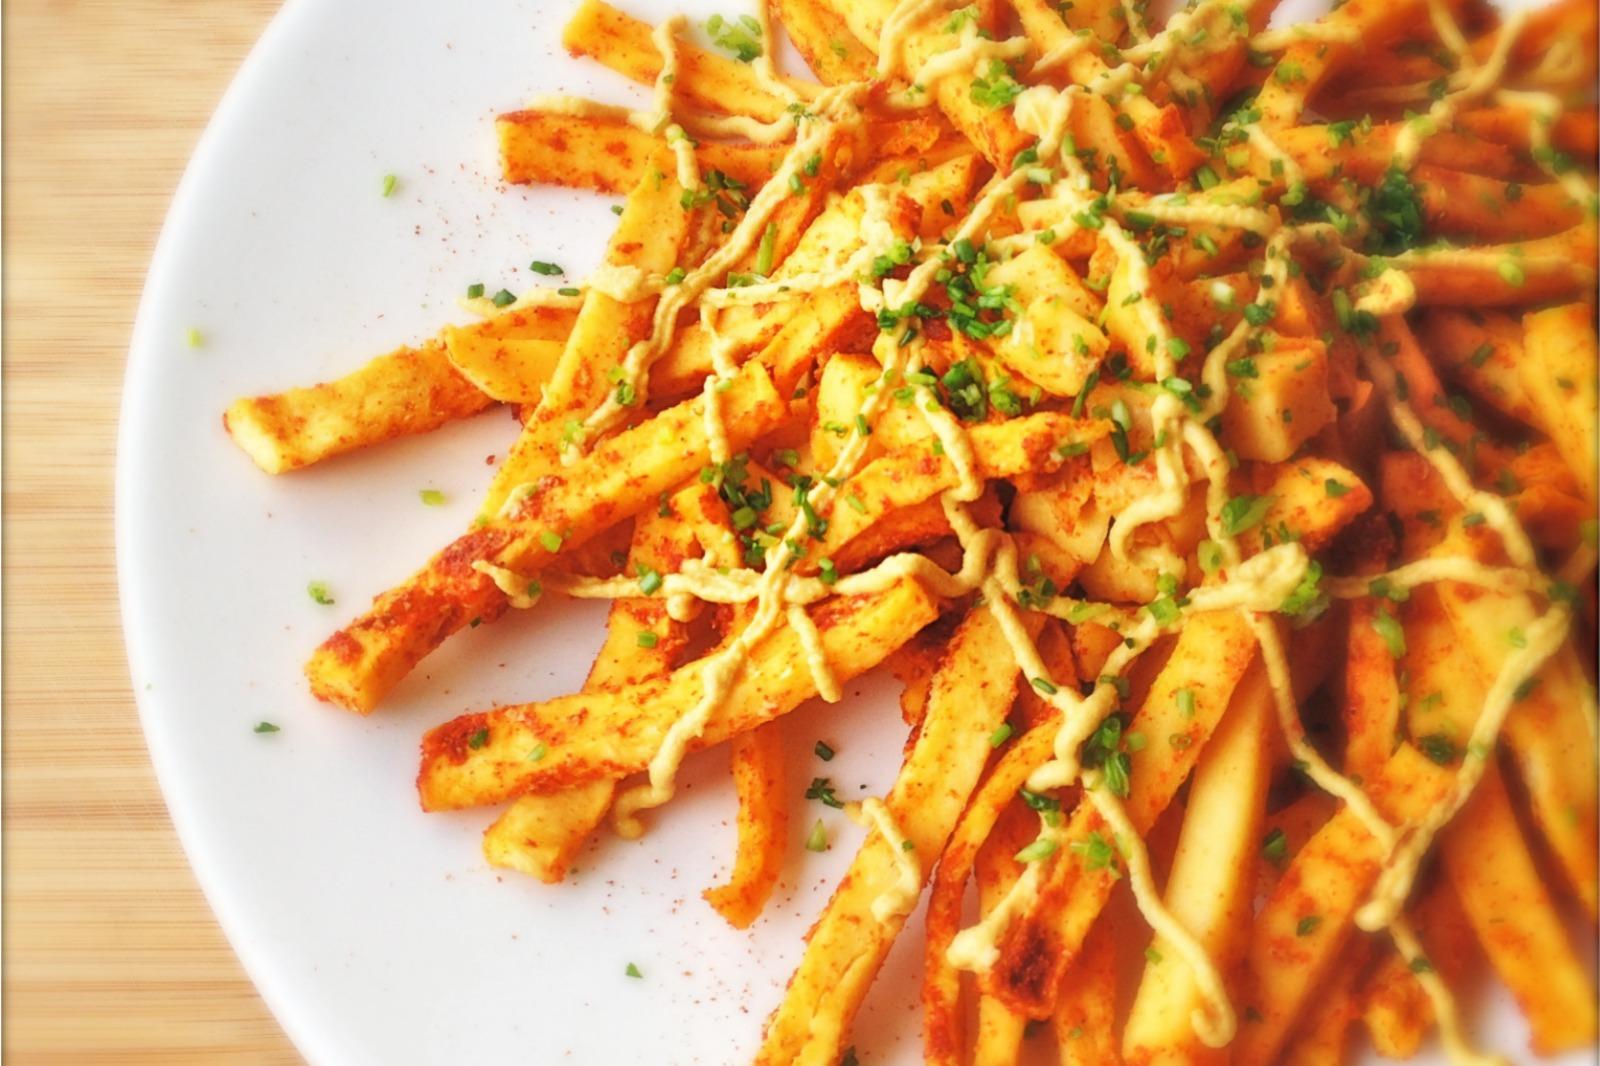 Chili Cheese Turnip Fries [Vegan]